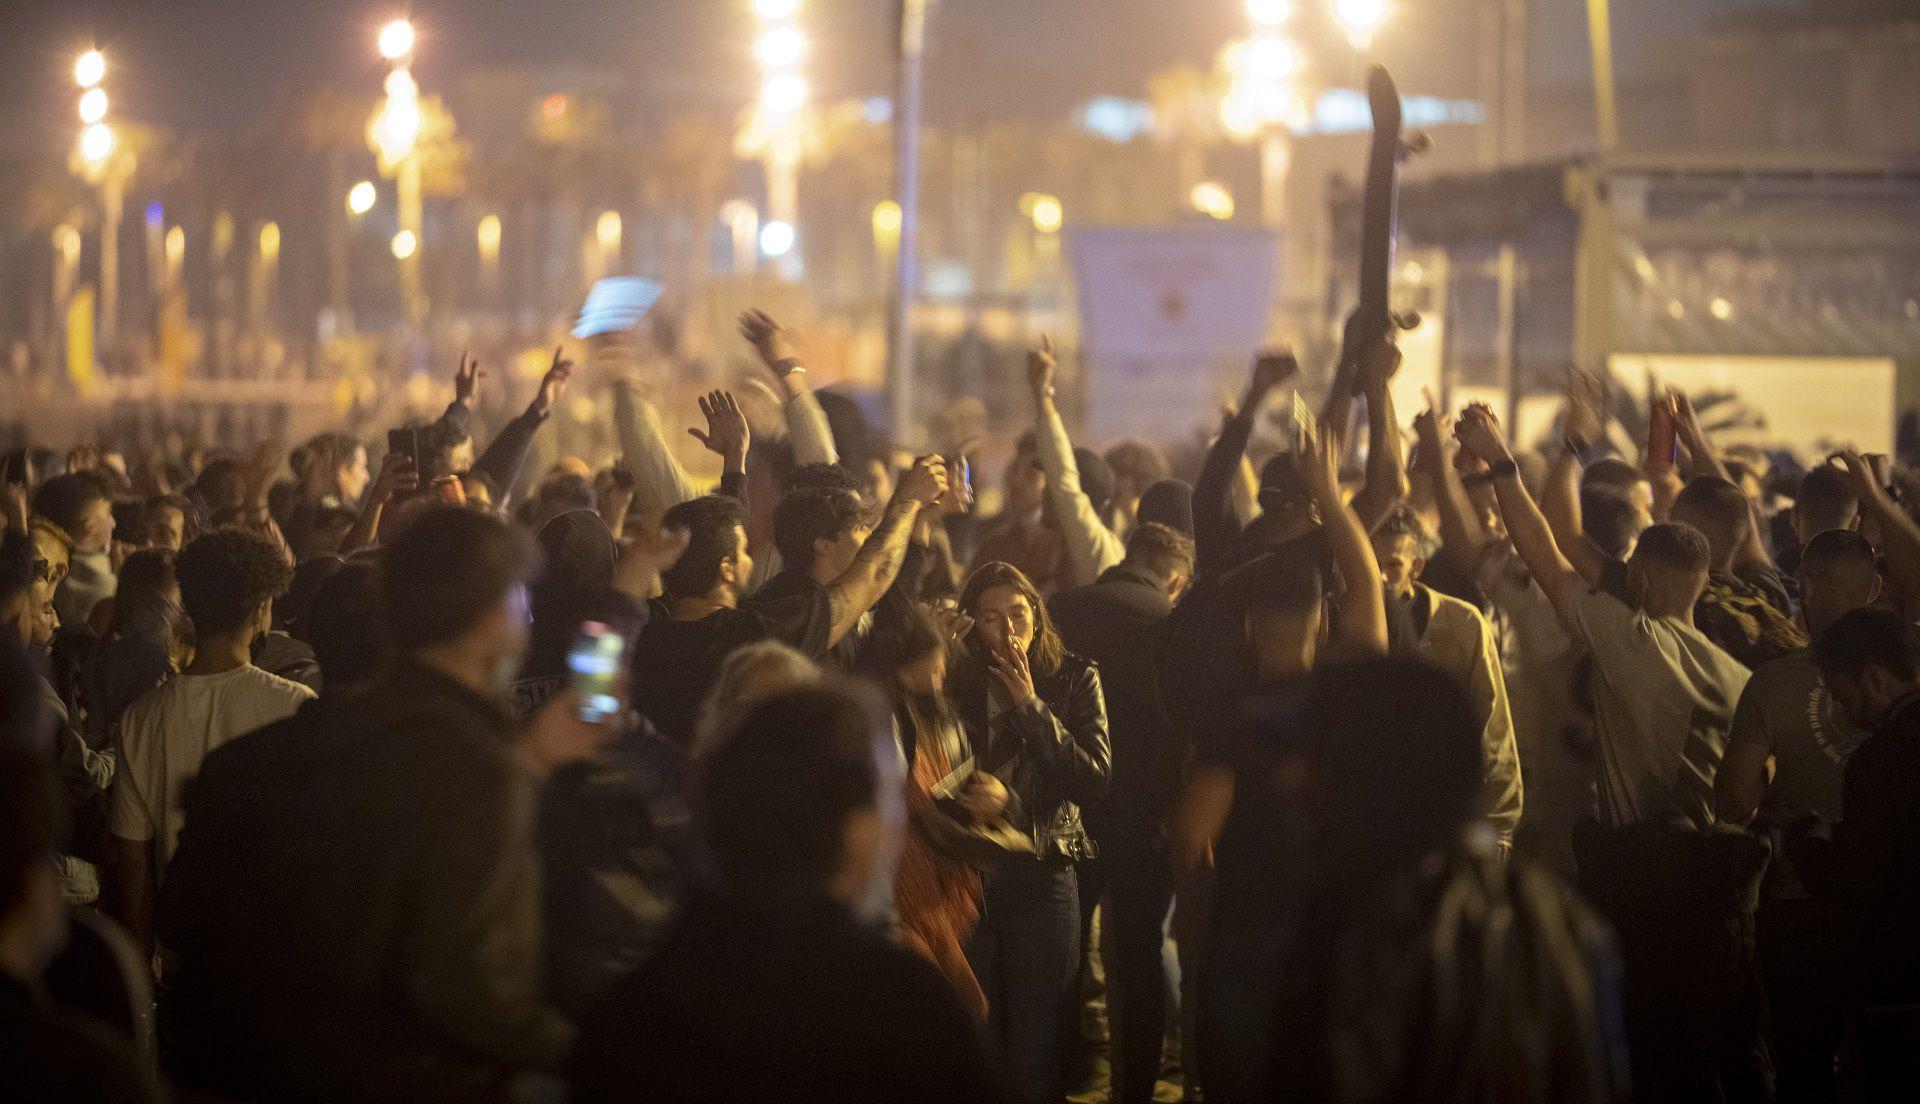 Gente bailando en una multitud en la playa de Barcelona, España, el domingo 9 de mayo de 2021. Celebraciones improvisadas tomaron las calles en distintos lugares de España cuando llegó la medianoche del sábado y expiró el estado de alarma de seis meses para contener los contagios de coronavirus, lo que levantó los toques de queda en muchas regiones. (AP foto/Emilio Morenatti)